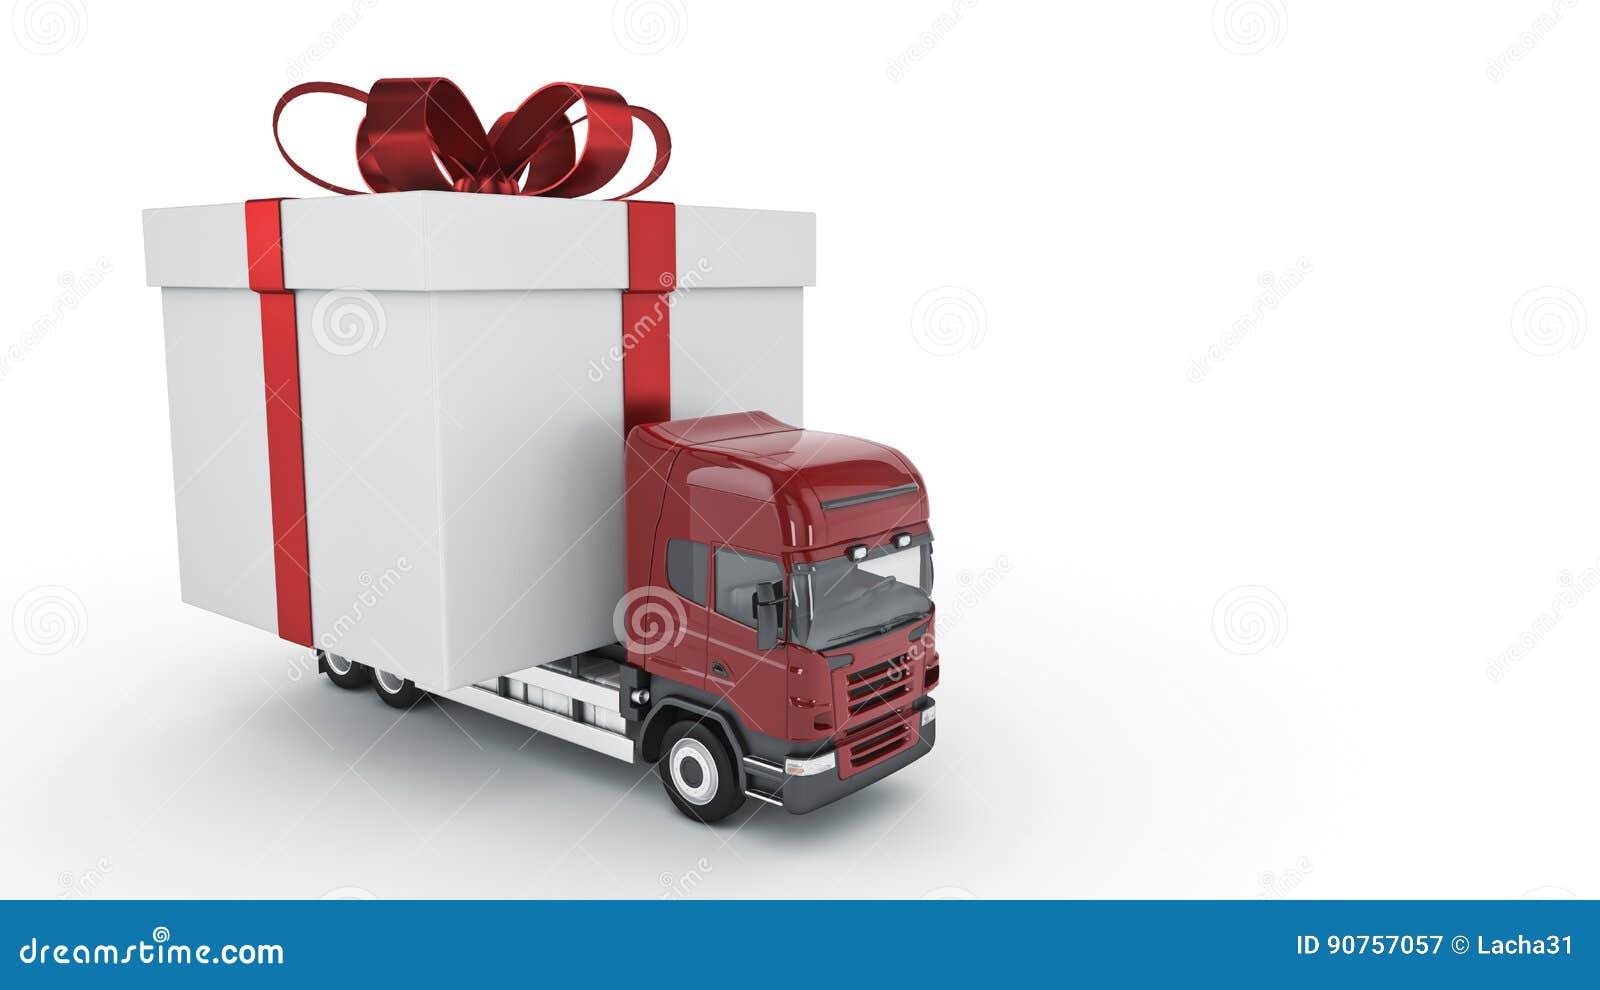 Présente le concept de service de distribution, camion avec un boîte-cadeau